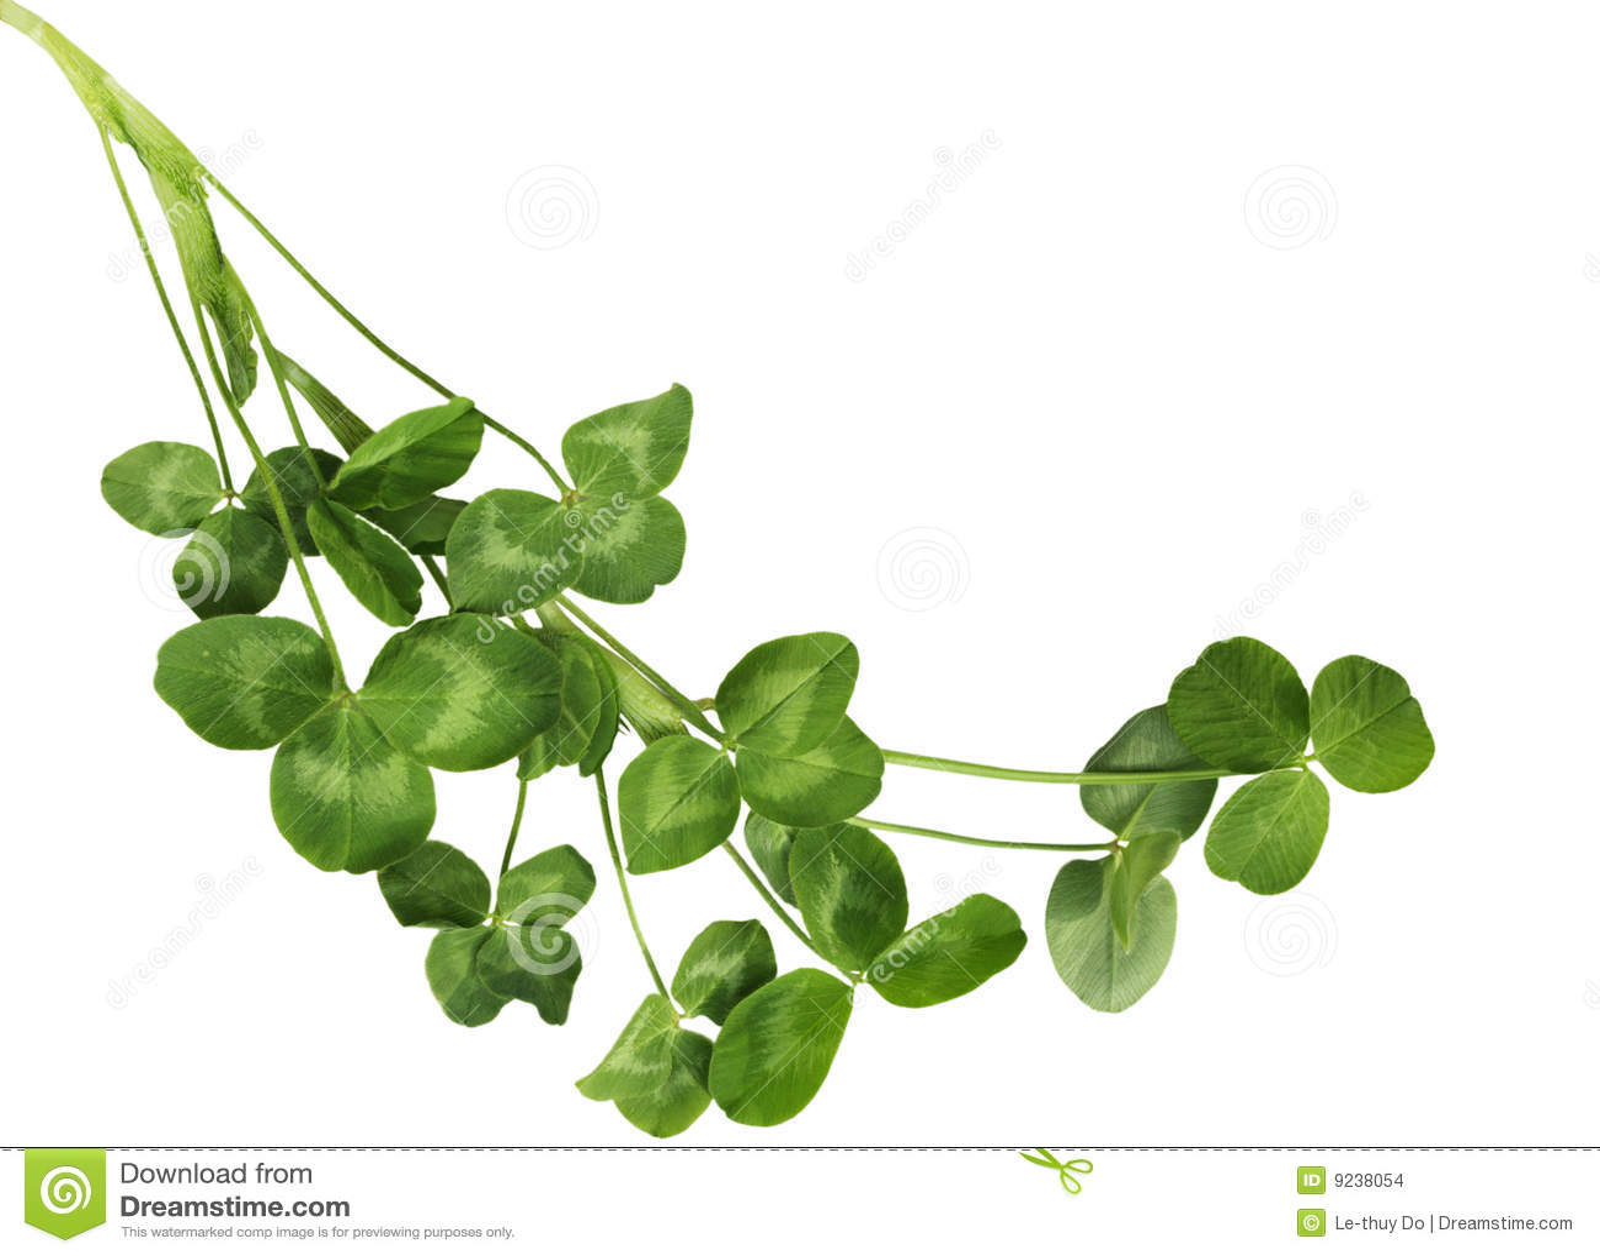 Shamrock plants stock images image 9238054 - Shamrock houseplant ...